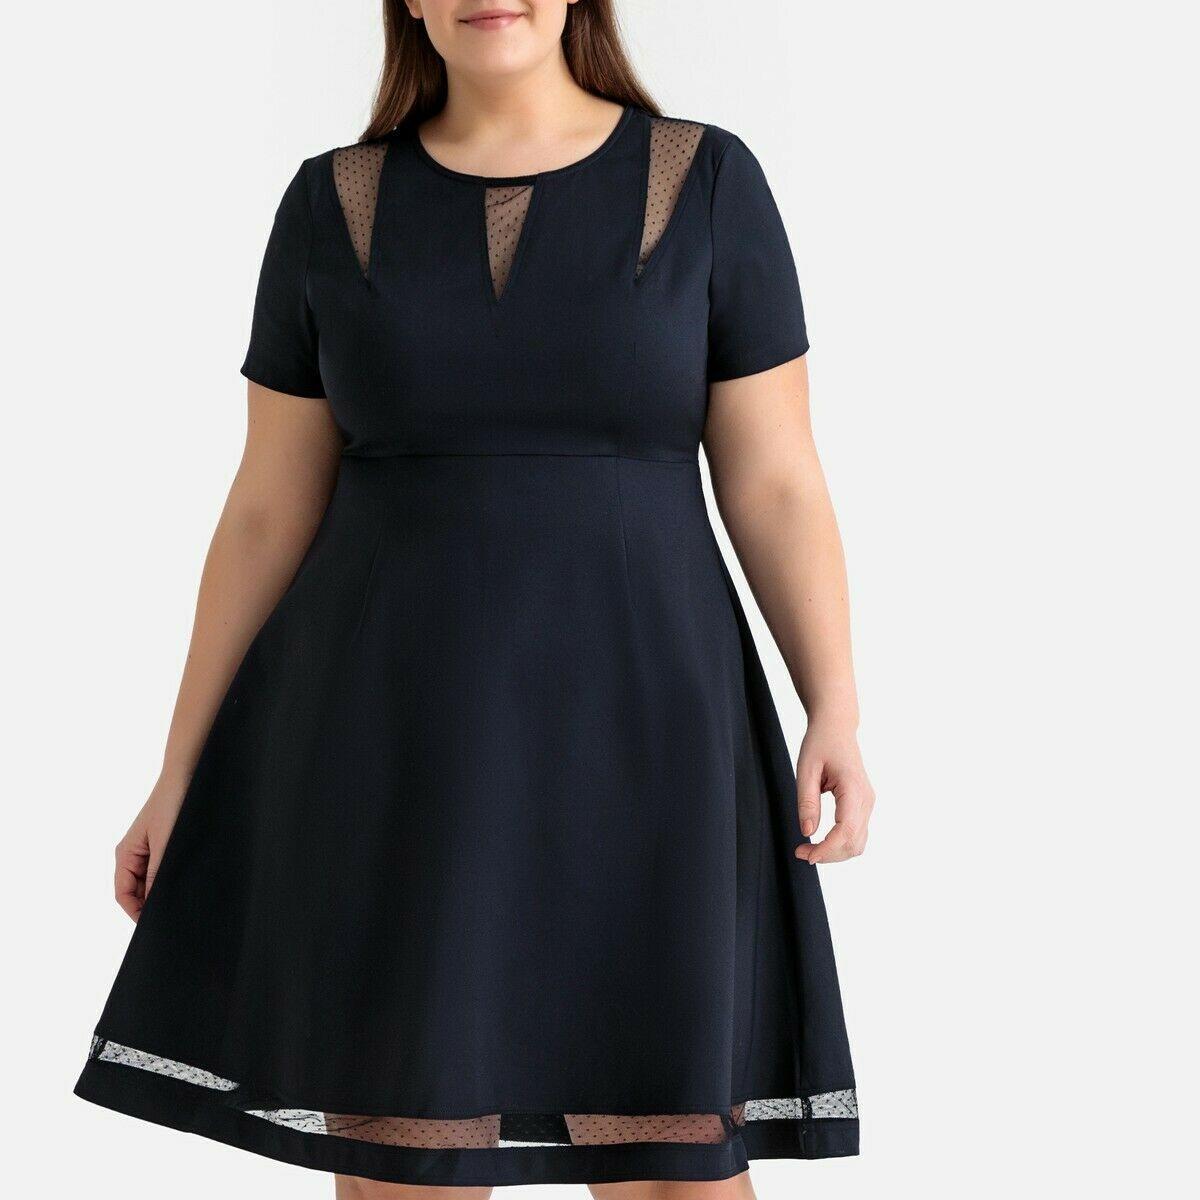 19 Schön Modische Abendkleider für 19 - Abendkleid